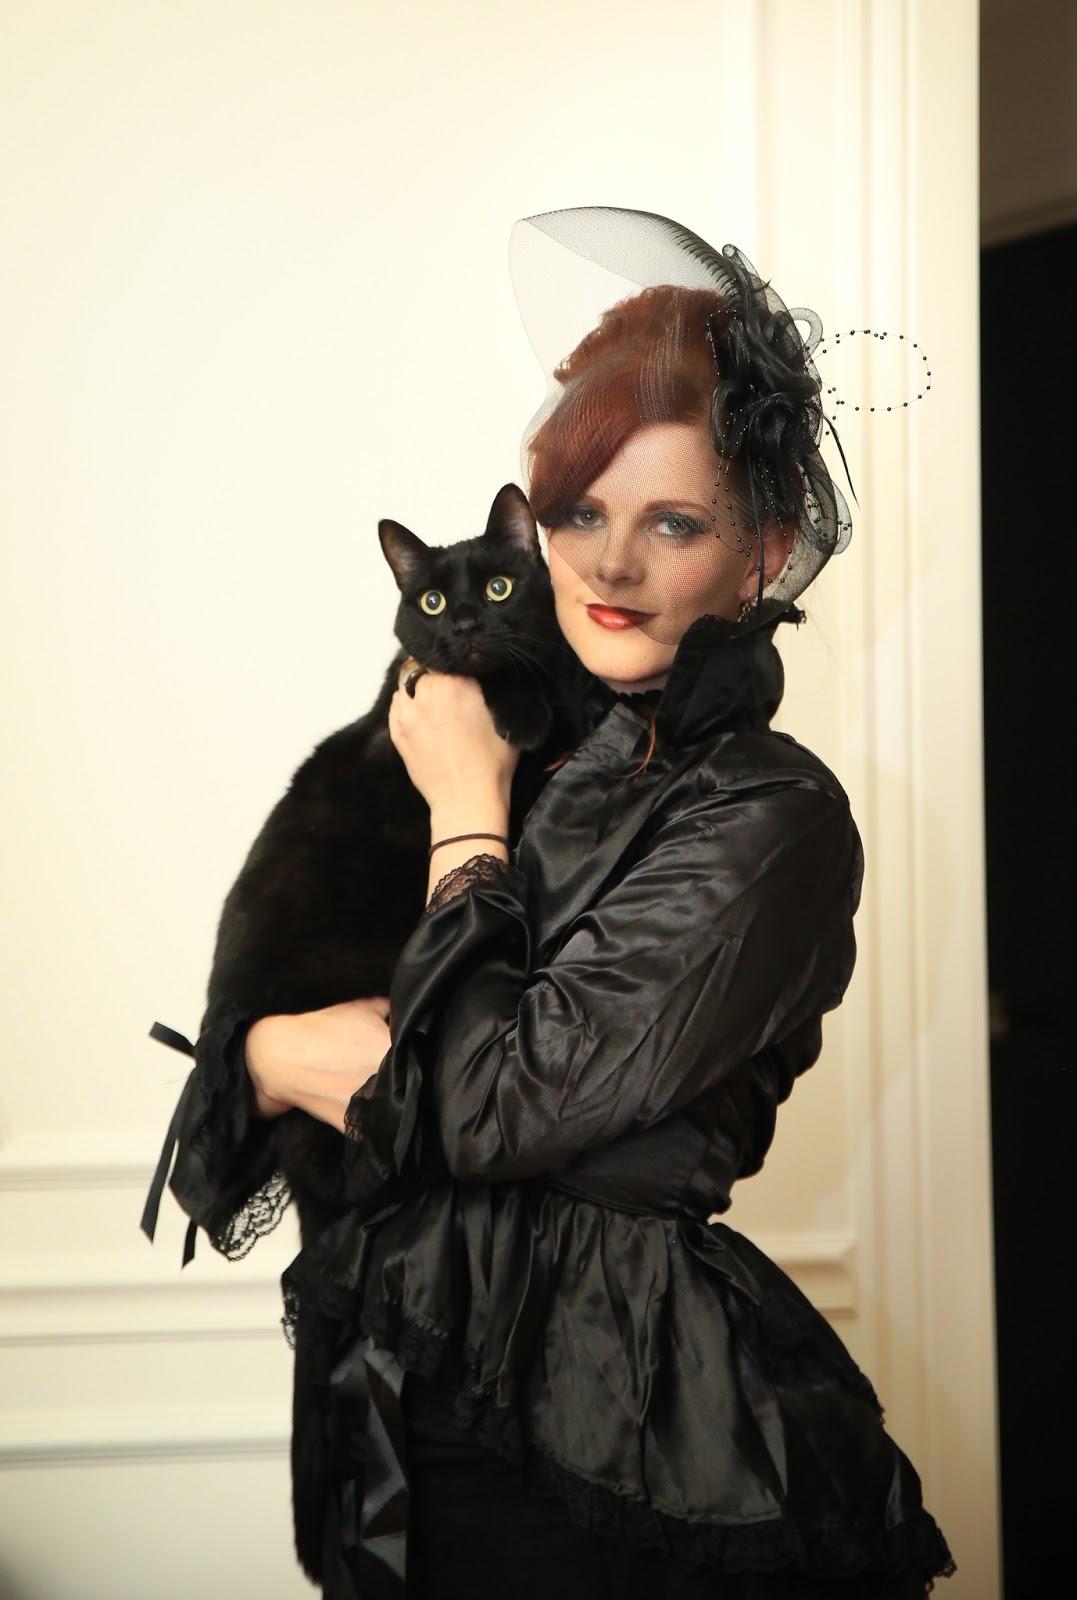 Black cat, victorian, gothic